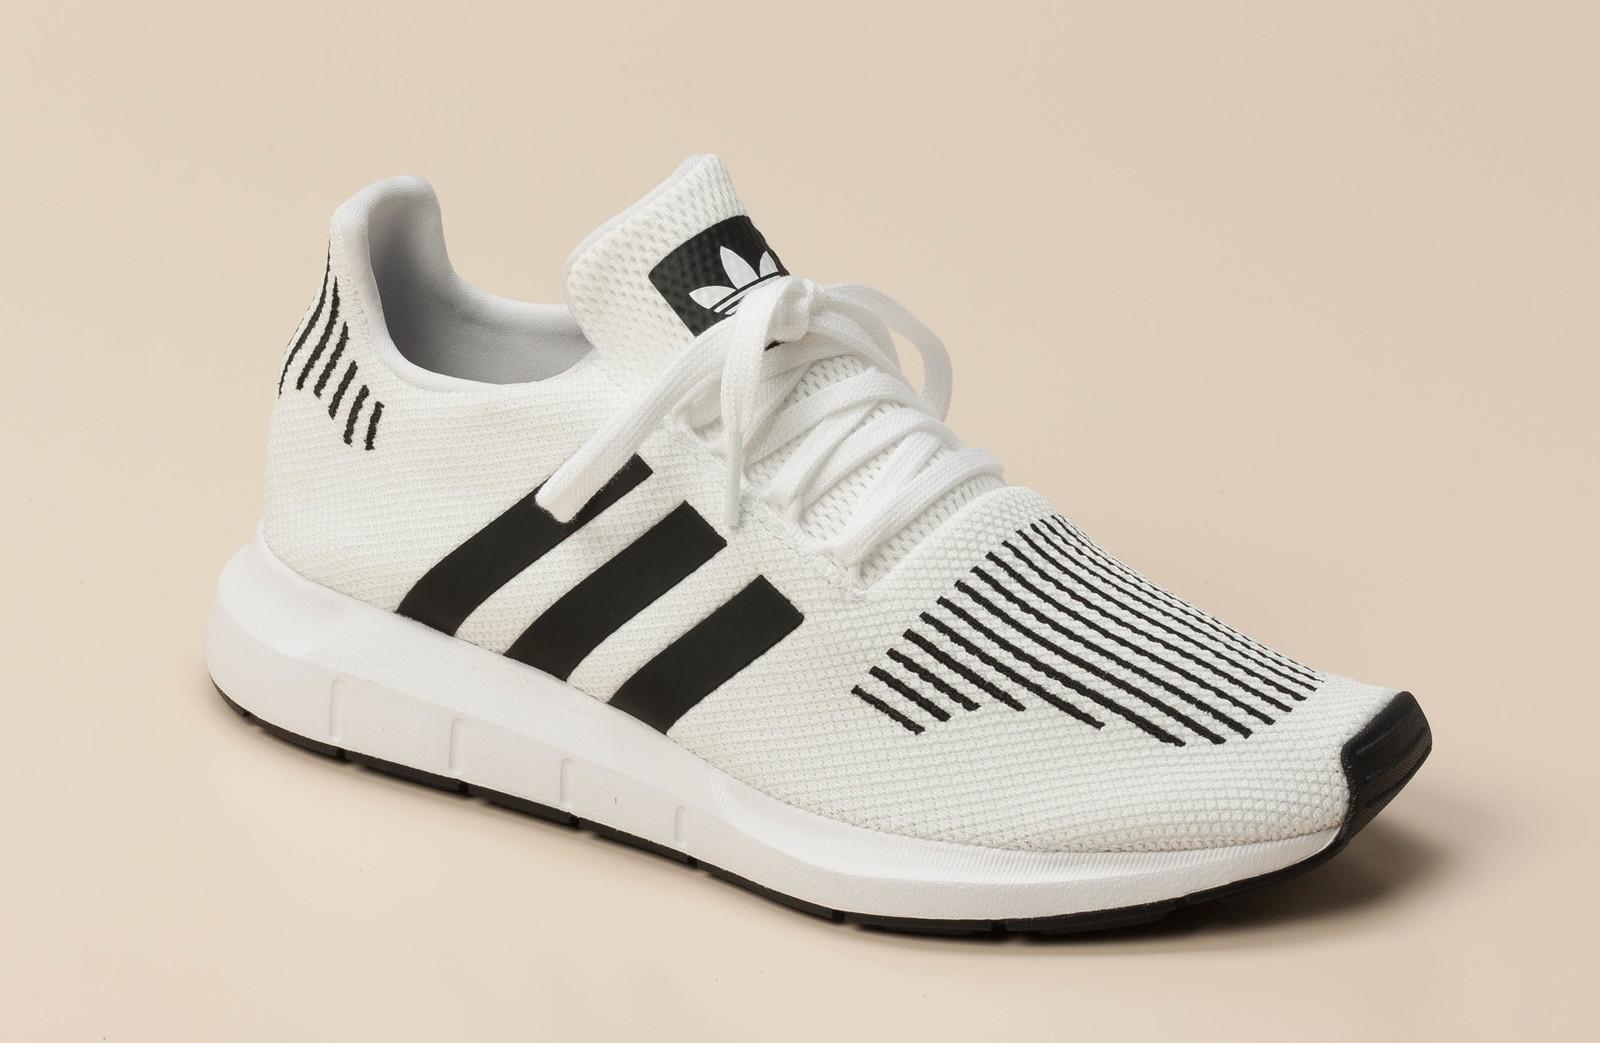 Adidas In Sneaker Online Shop Zumnorde Herren Weiß Kaufen 8qr8AS